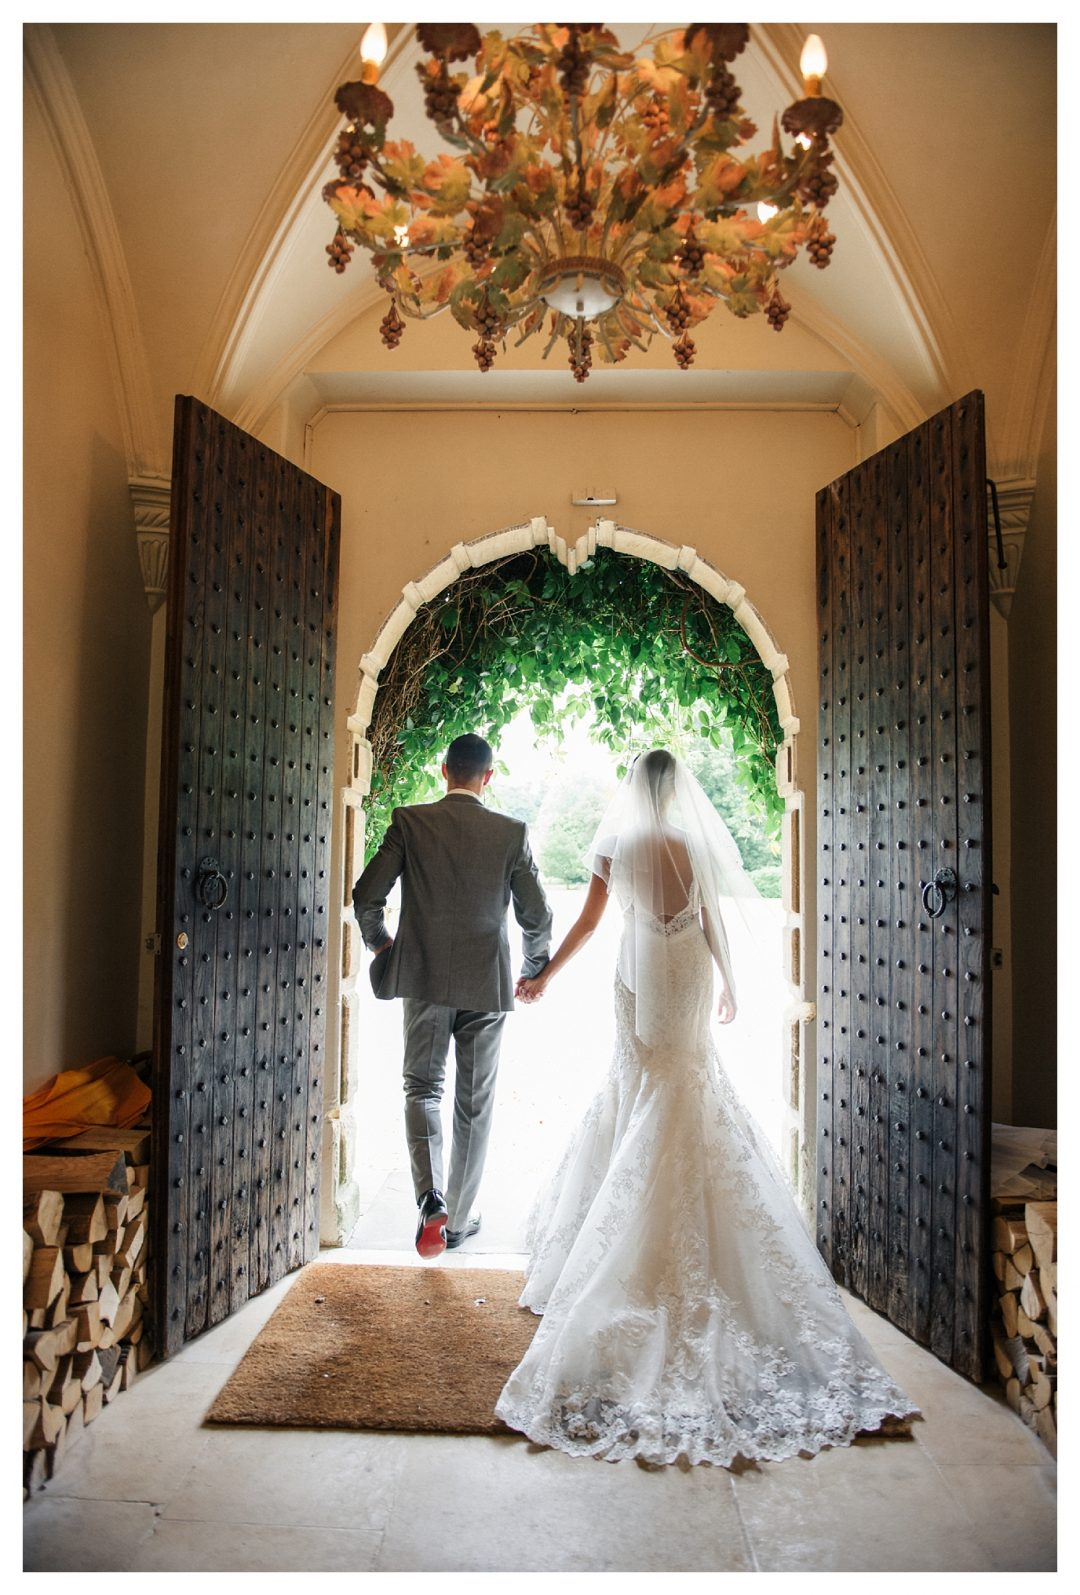 Matt & Laura's Wedding - weddings - nkimphotogrphy com notting hill 0512 1